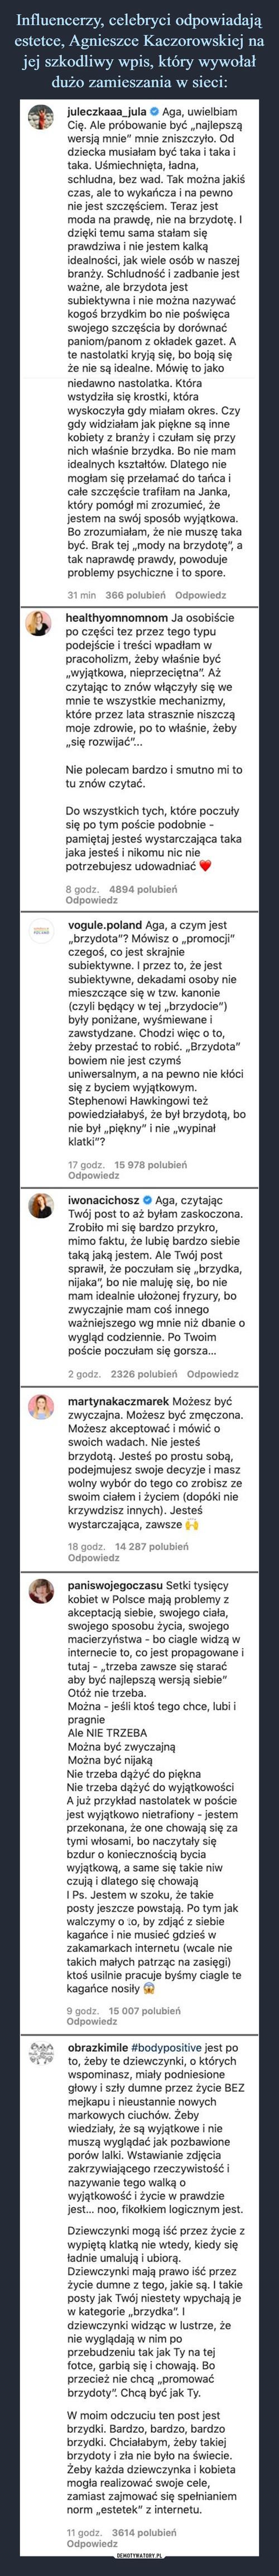 Influencerzy, celebryci odpowiadają estetce, Agnieszce Kaczorowskiej na jej szkodliwy wpis, który wywołał dużo zamieszania w sieci: